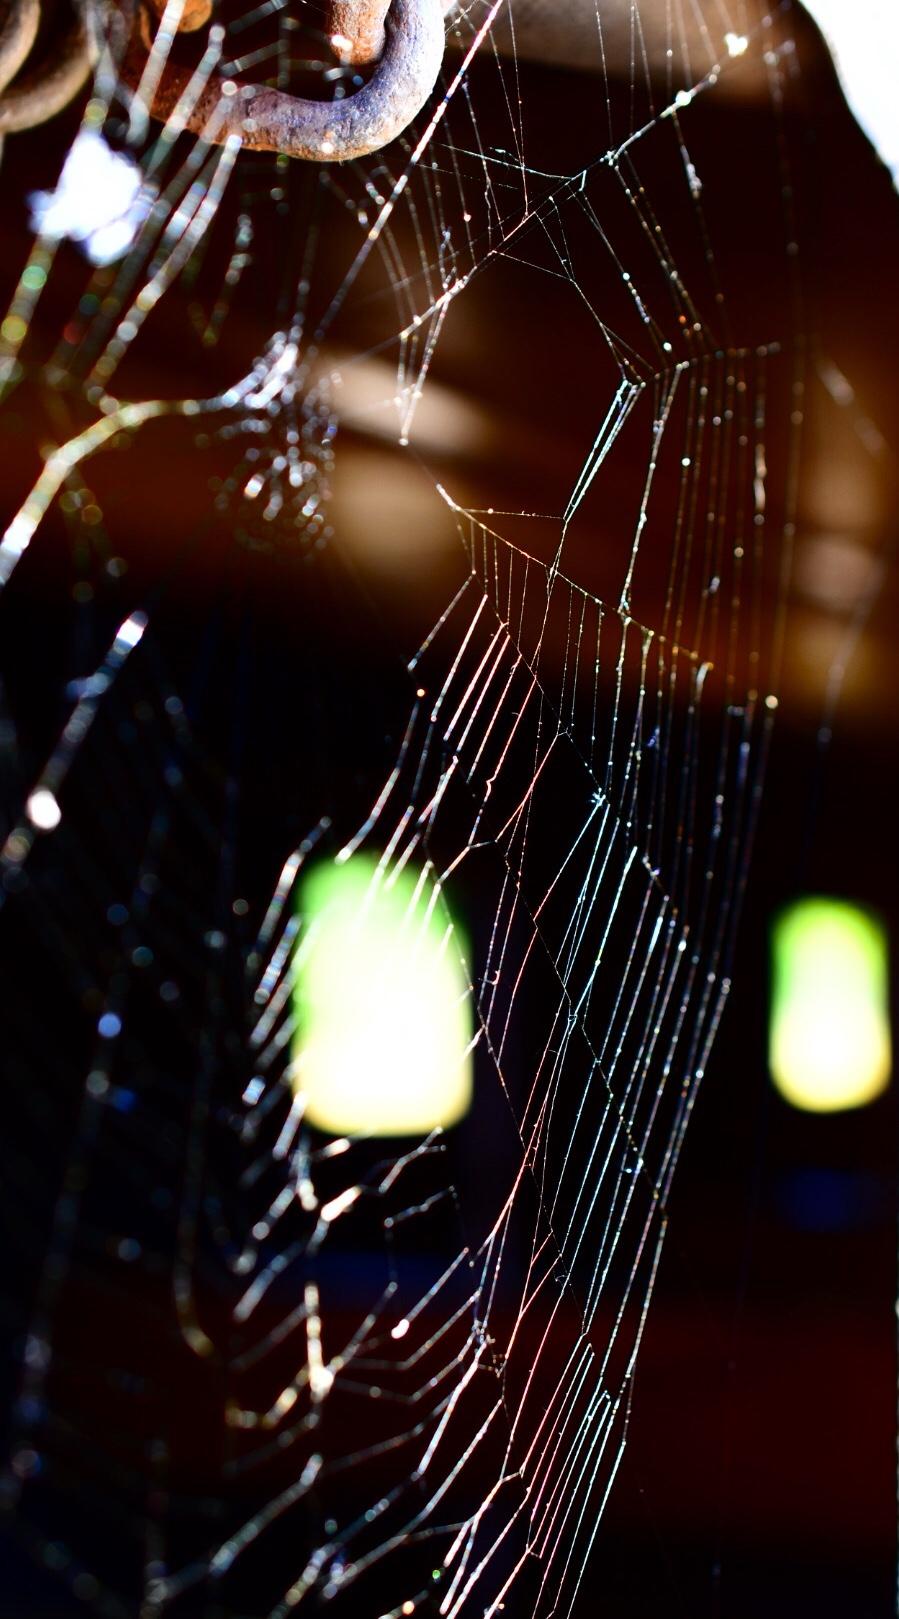 Spinnennetz in einem der Förderwagen